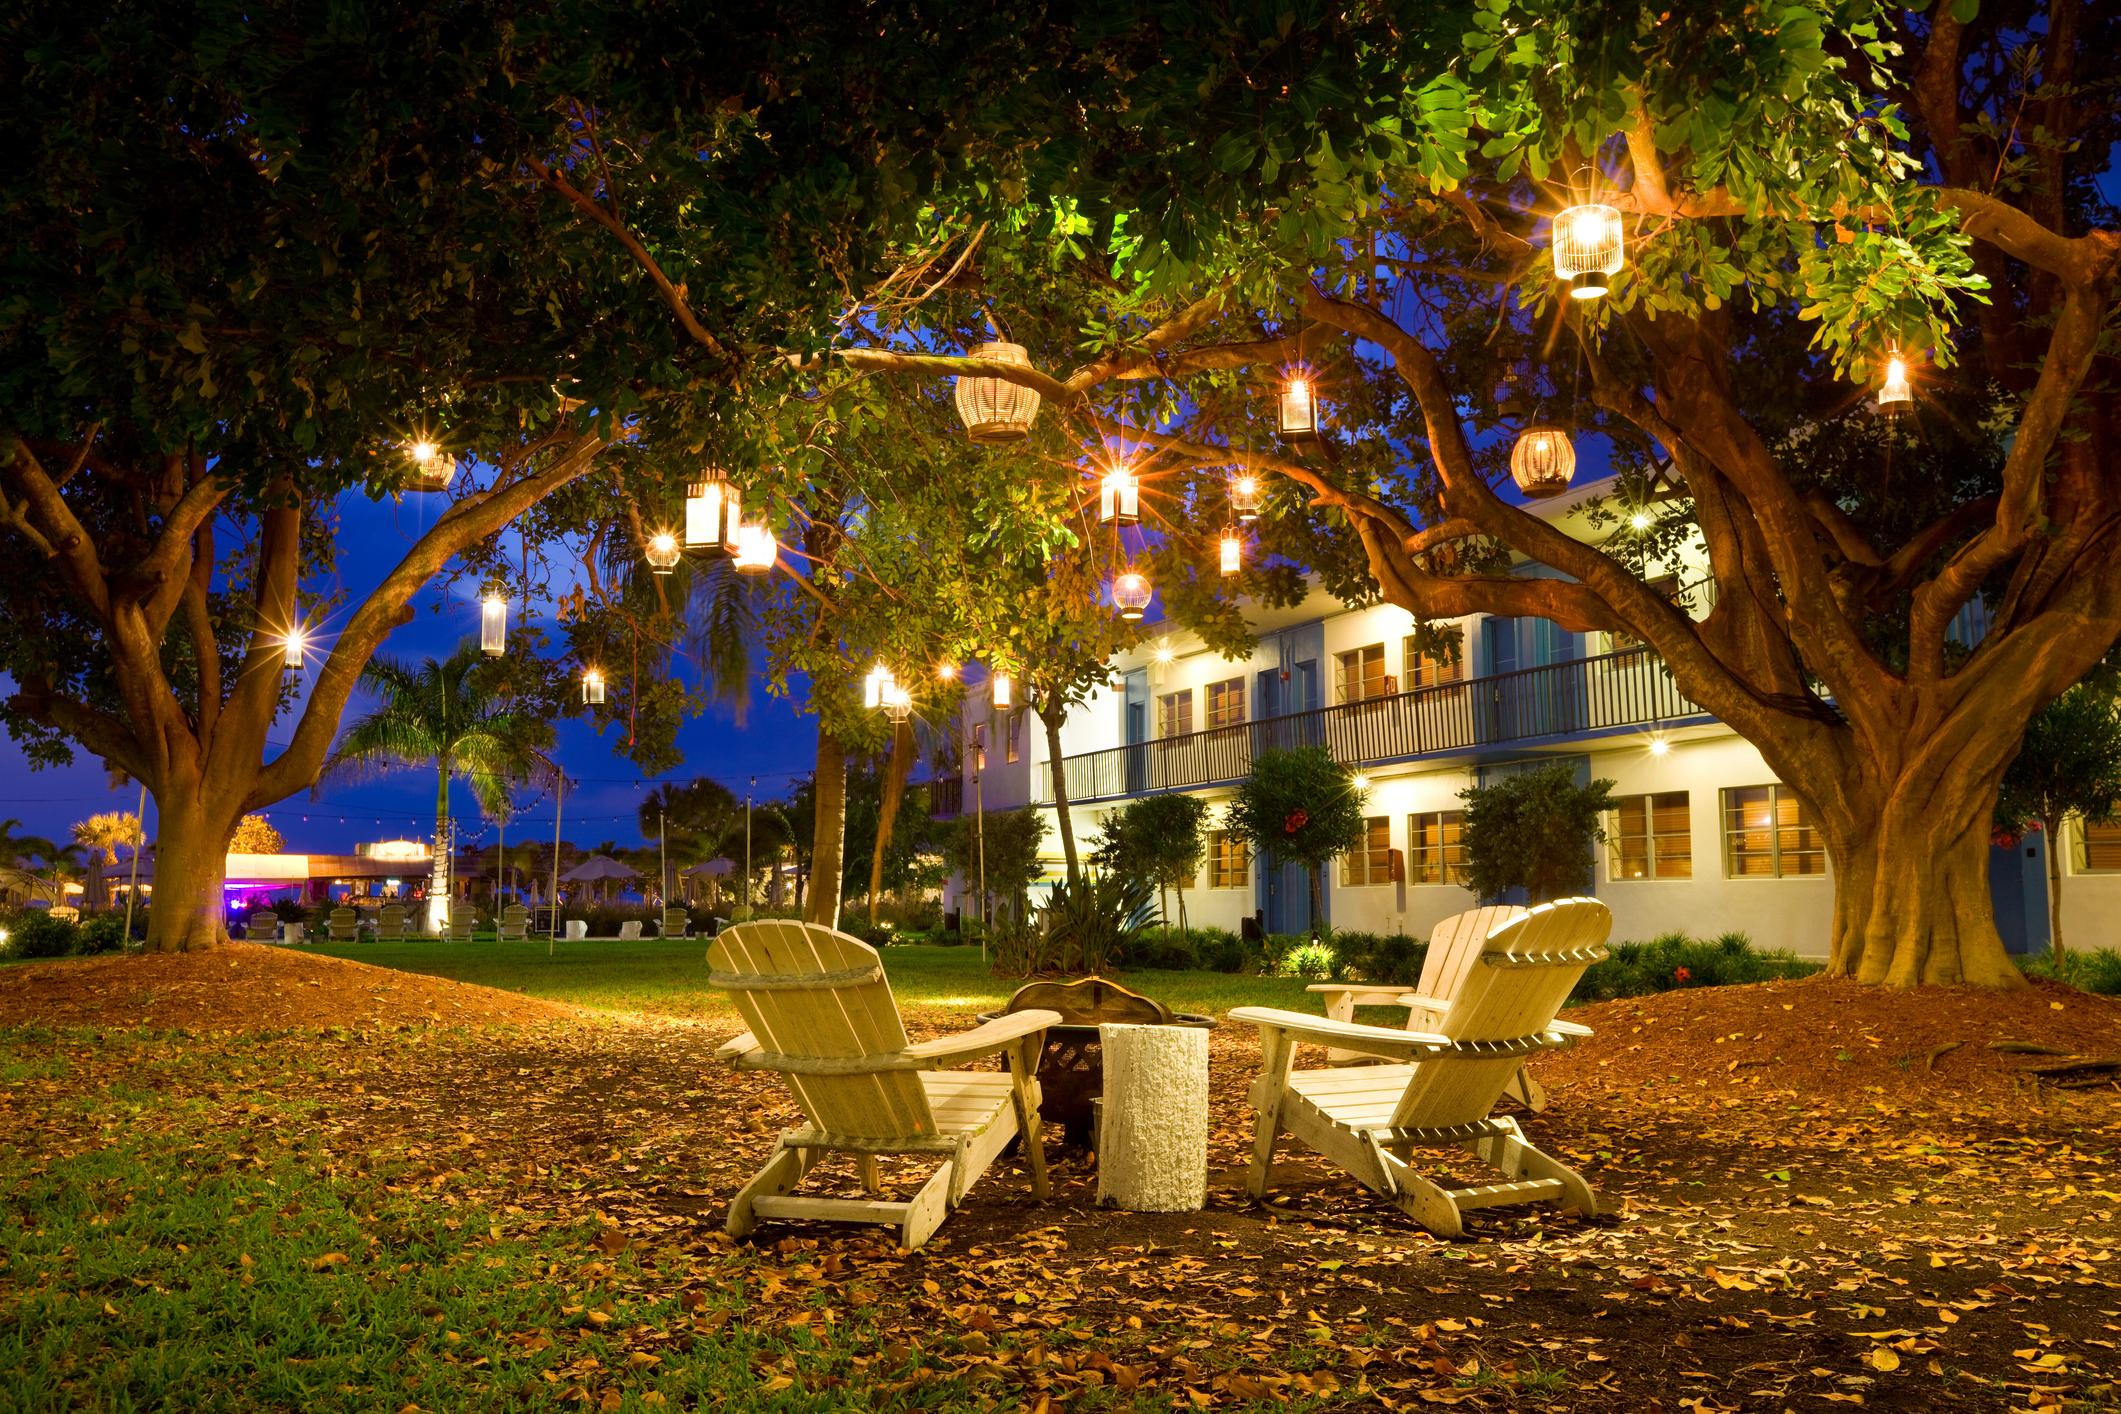 Fundamenta – Otthonok és megoldások Romantikus fények a kertben! Inspirációk az udvari világítás ...